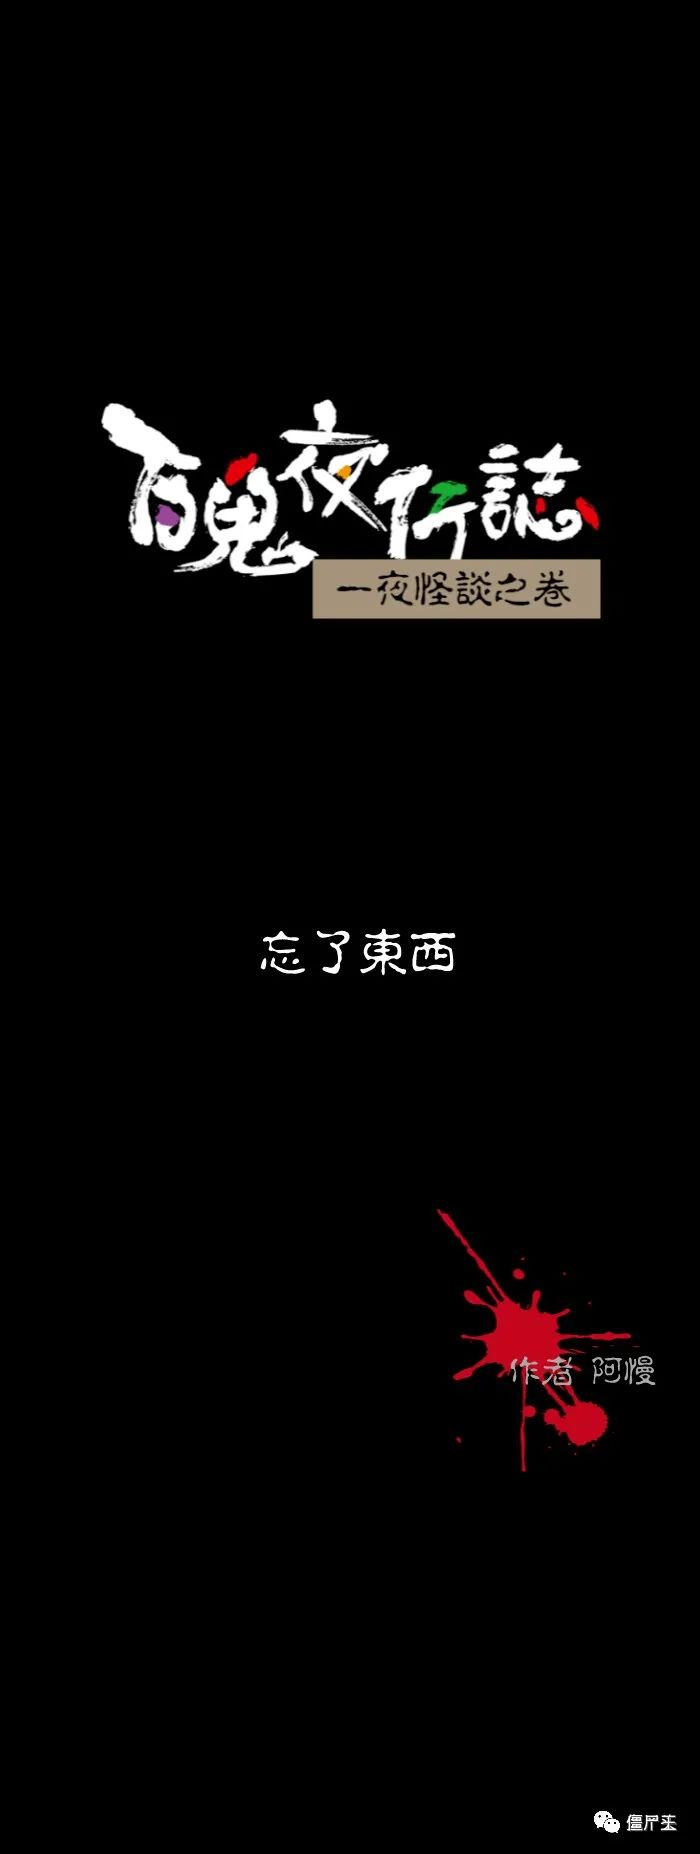 僵尸王漫画:百鬼夜行记之忘了东西